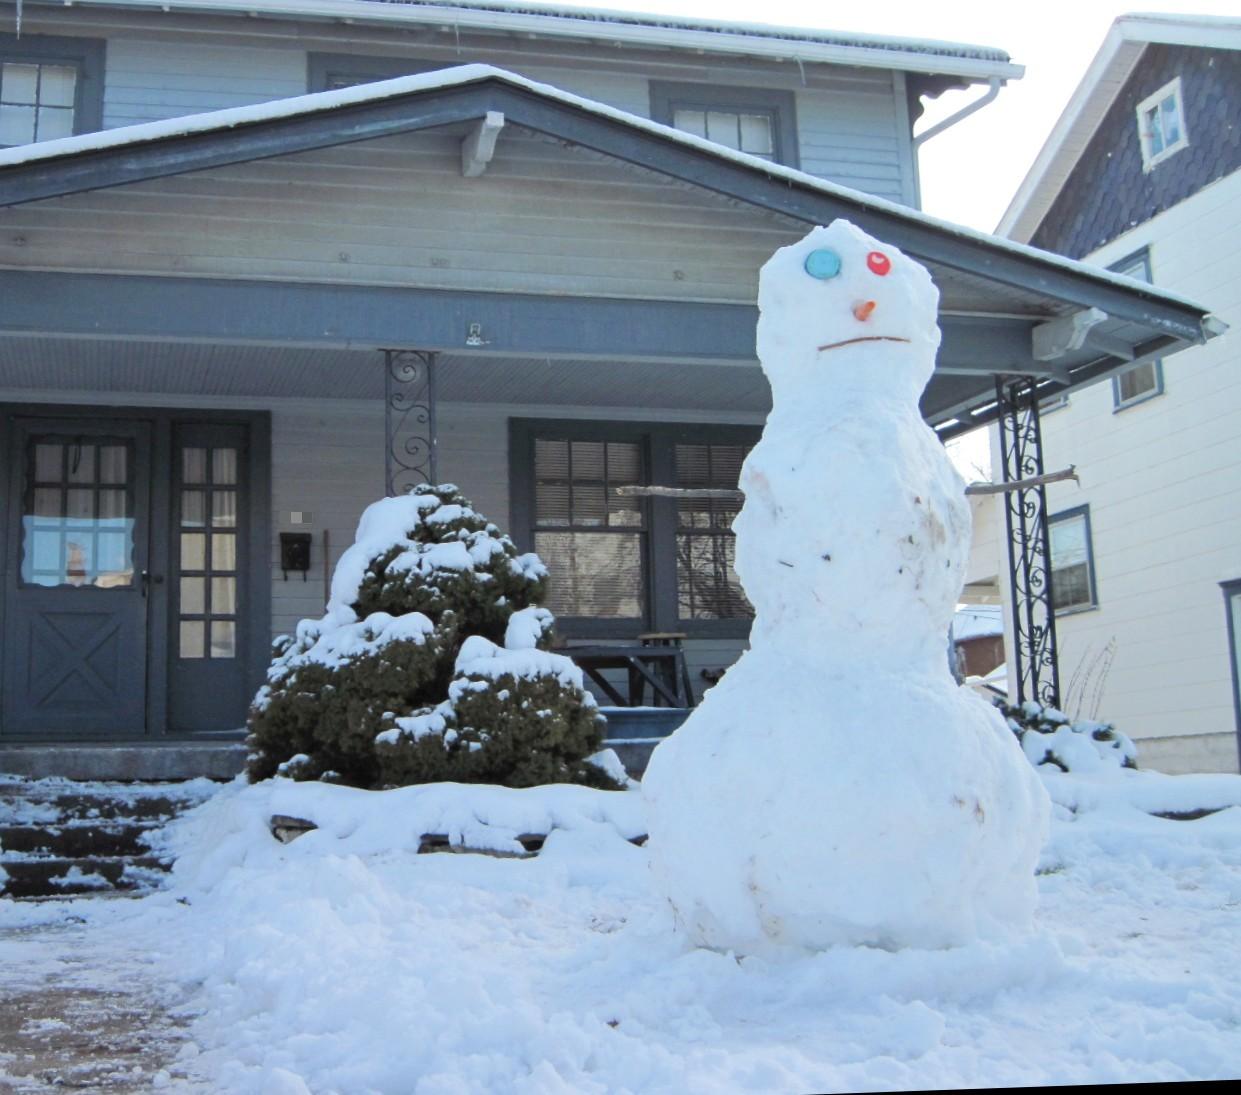 8 ft tall snowman